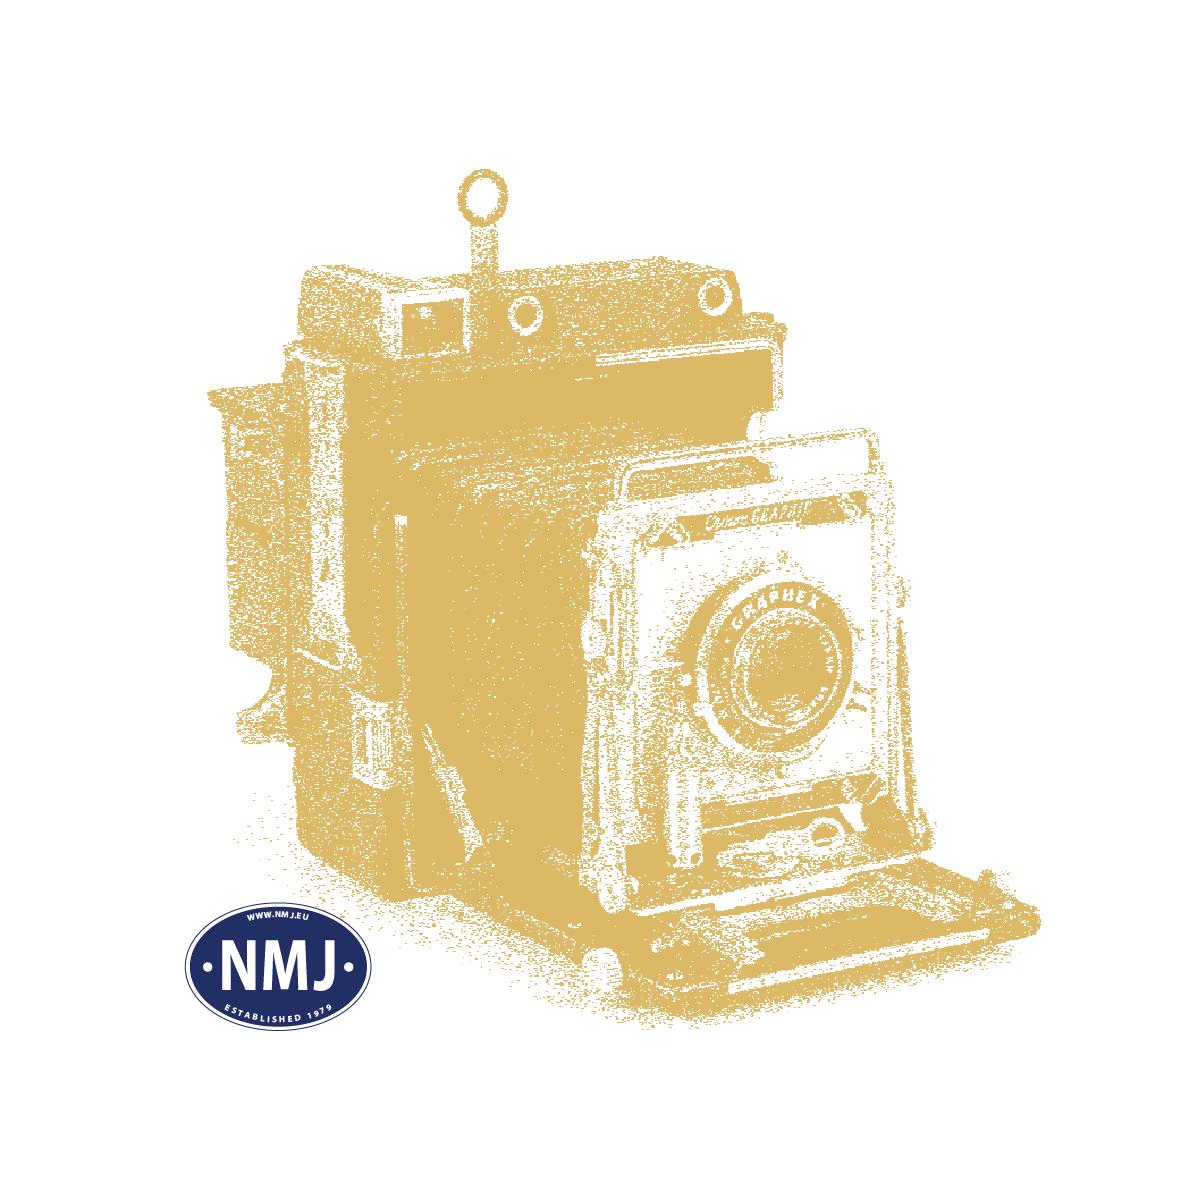 NMJT401.102 - NMJ Topline MAV Personvogn Apmz 10-91, 1. Klasse